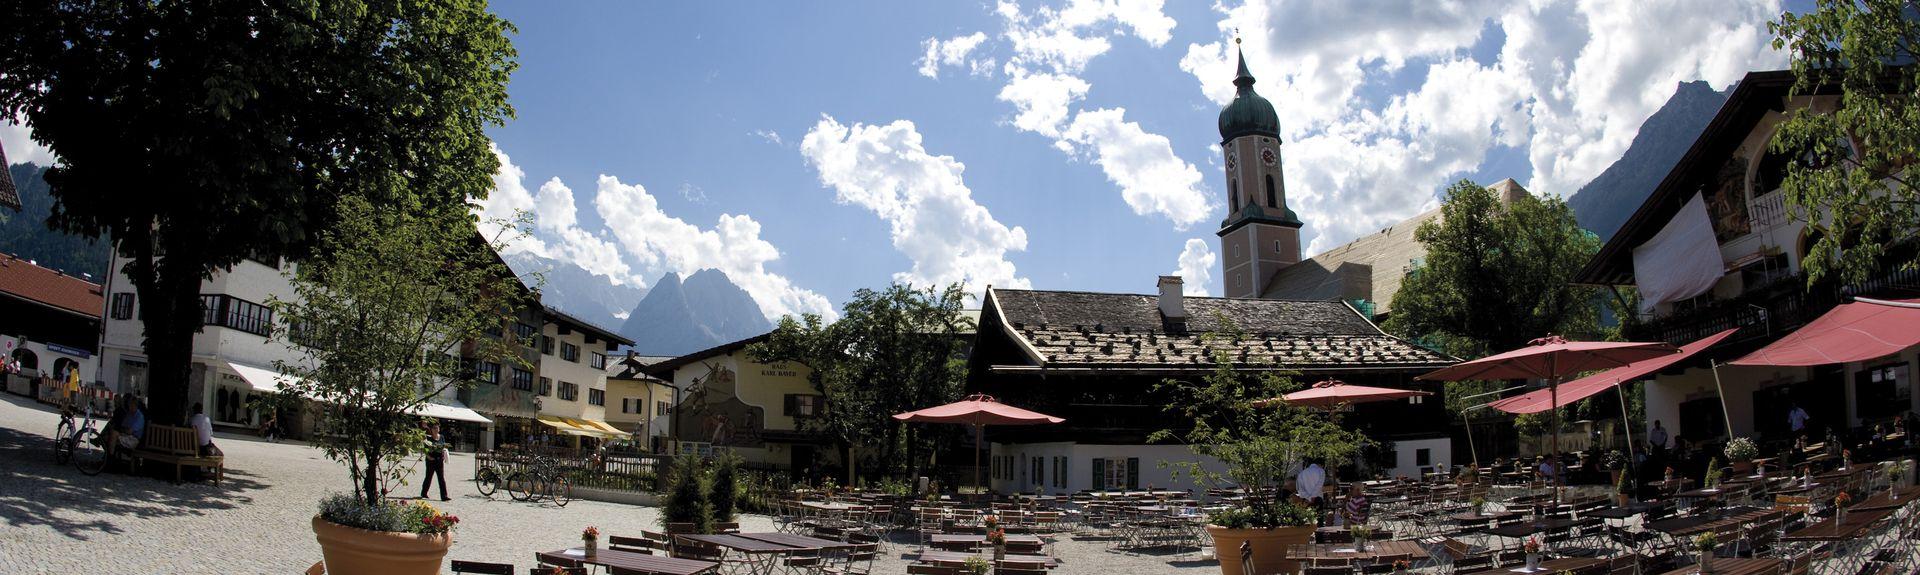 Garmisch-Partenkirchen, Beieren, Duitsland